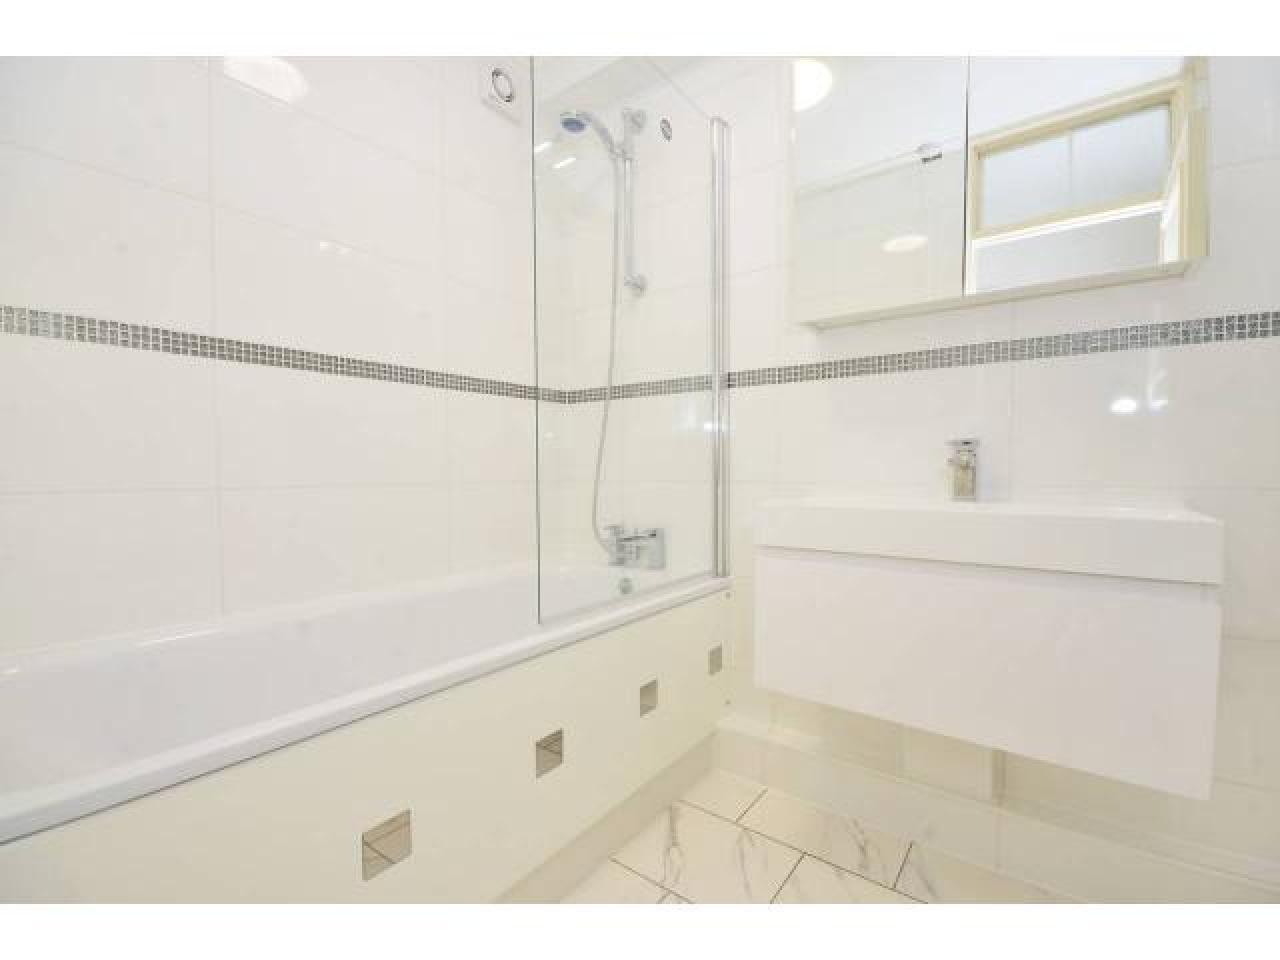 Сдается уютная single  комната в квартире в красивом и спокойном районе на Putney SW15 6AG. - 2